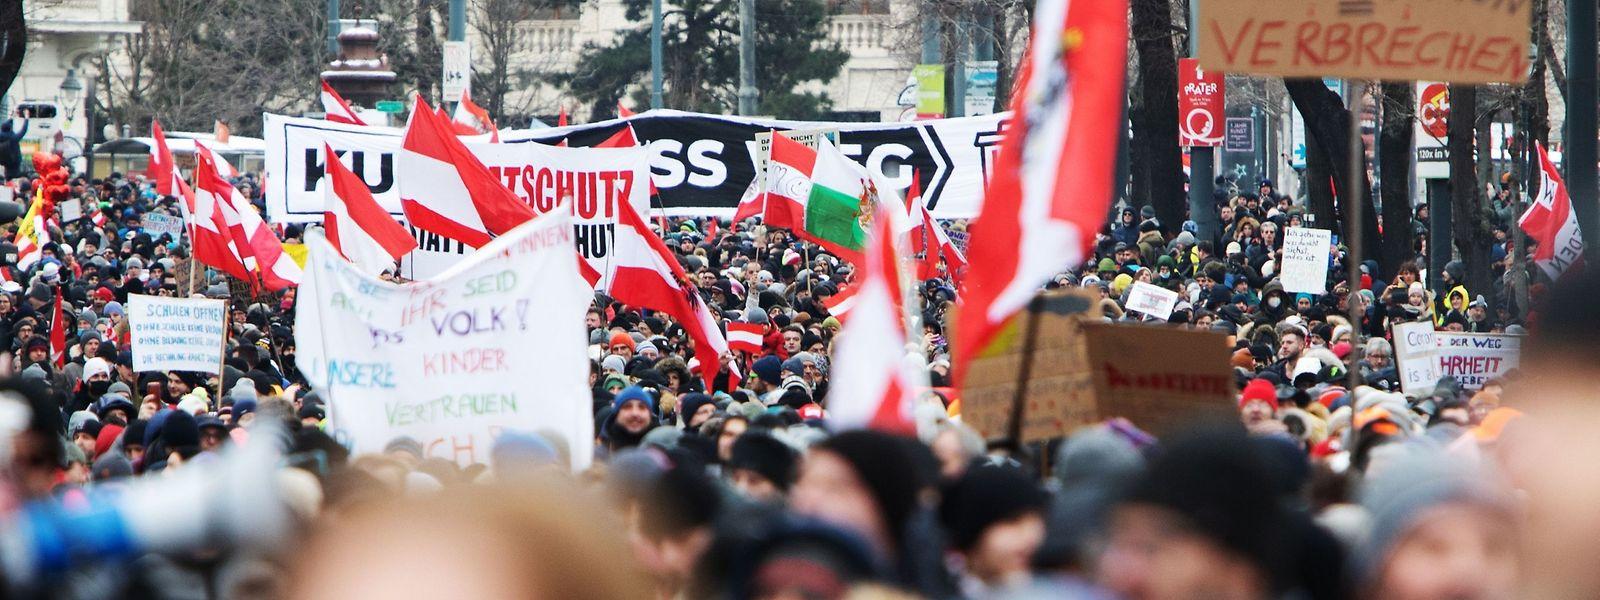 Auf der Wiener Ringstraße versammelten sich geschätzt 10.000 Gegner der restriktiven Corona-Politik.